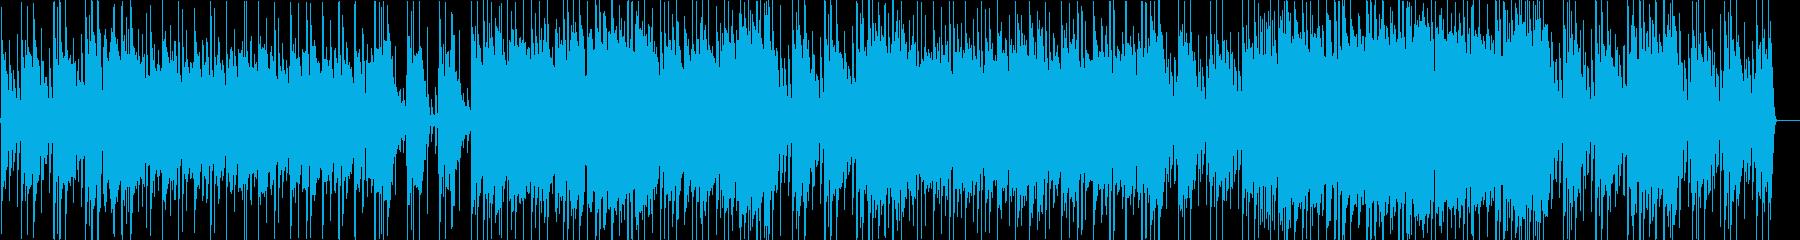 爽やかで希望に満ちたピアノポップロックの再生済みの波形